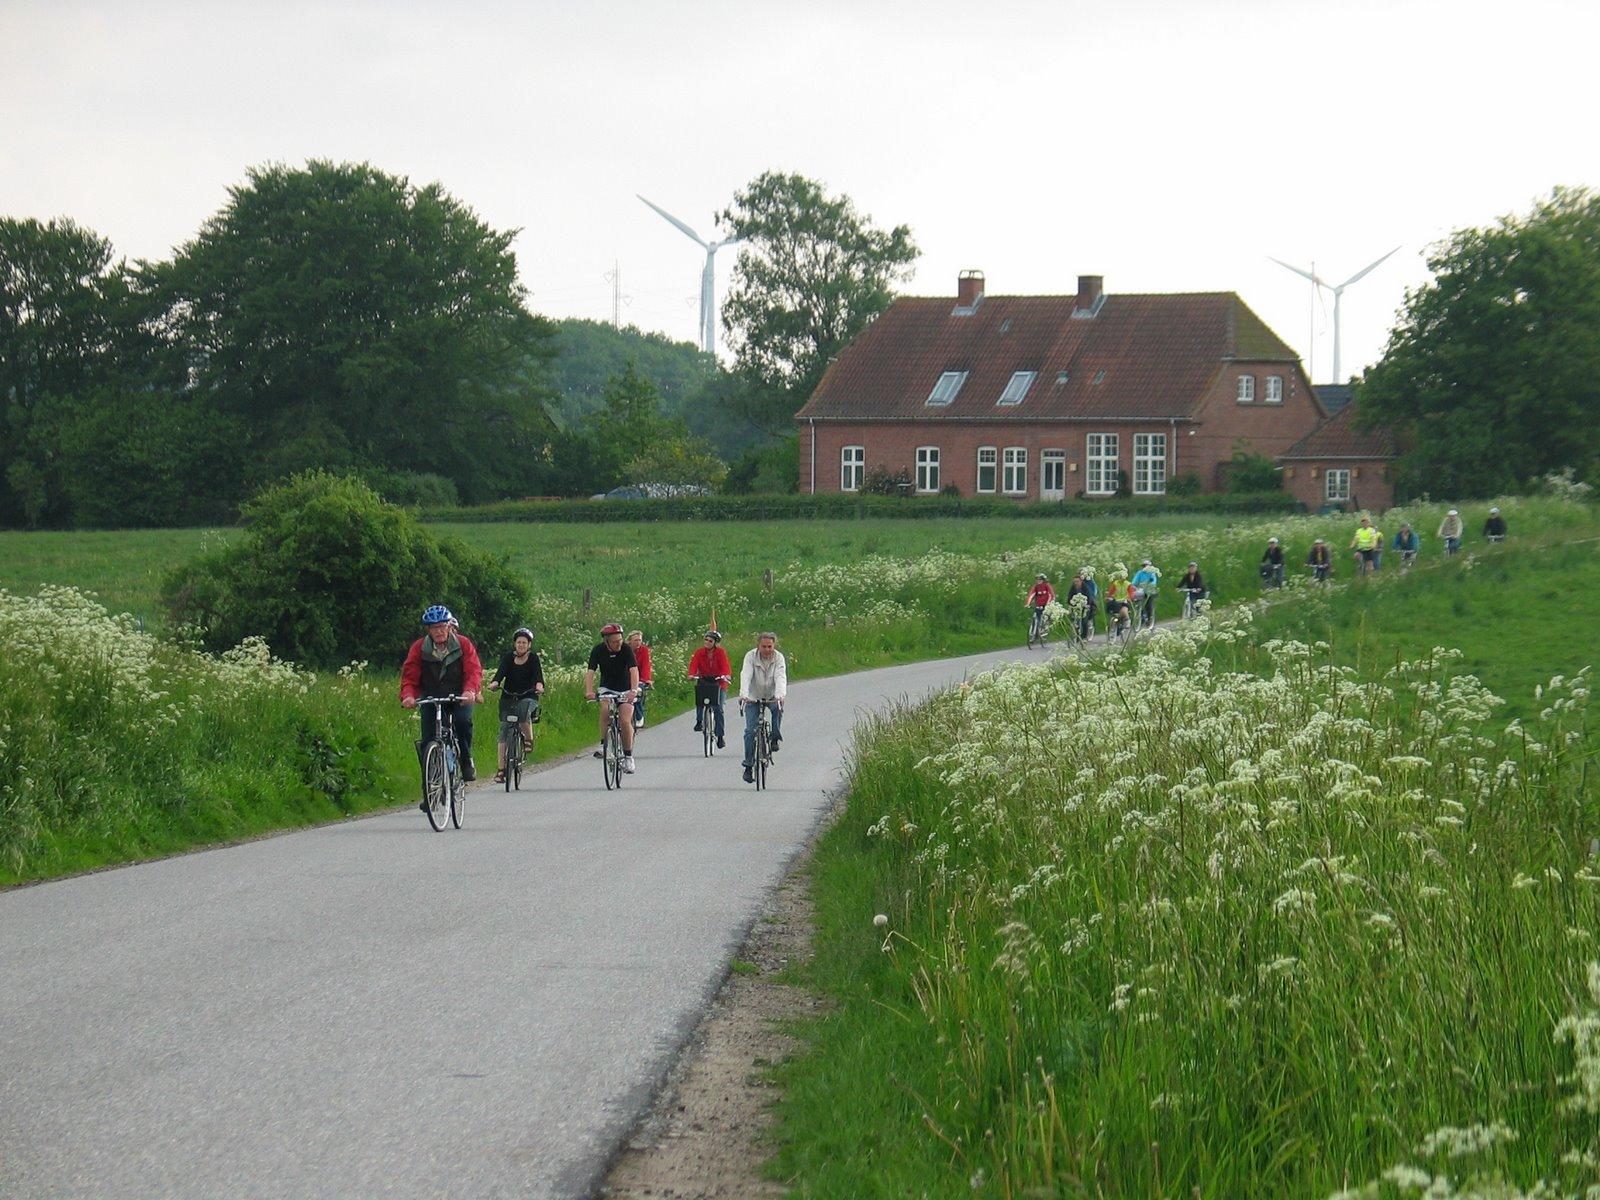 Påkørsler bagfra er årsag til flest alvorlige ulykker for cyklister på landeveje